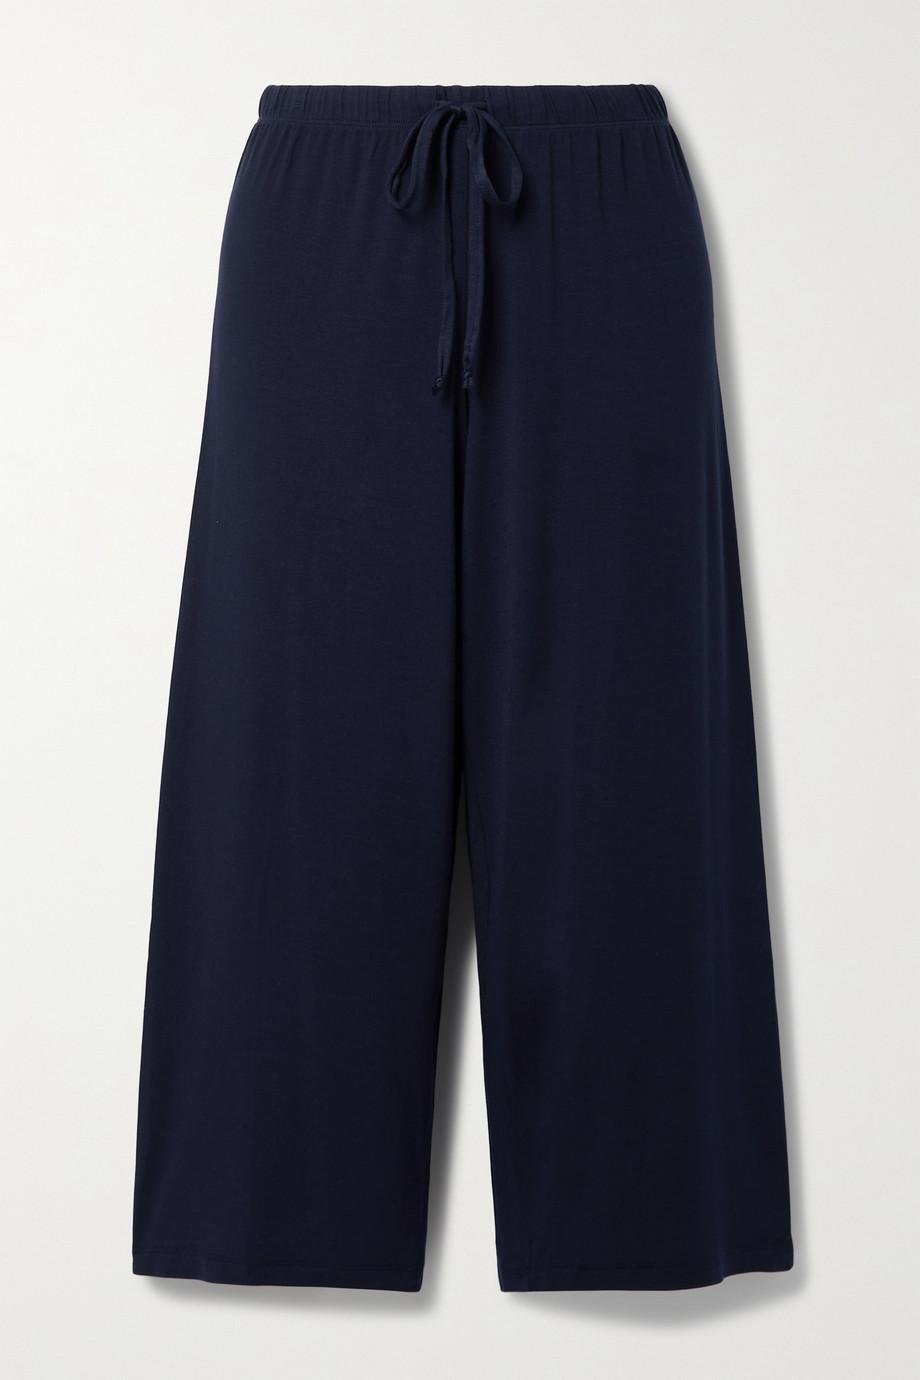 LESET Pantalon raccourci en modal stretch Nora